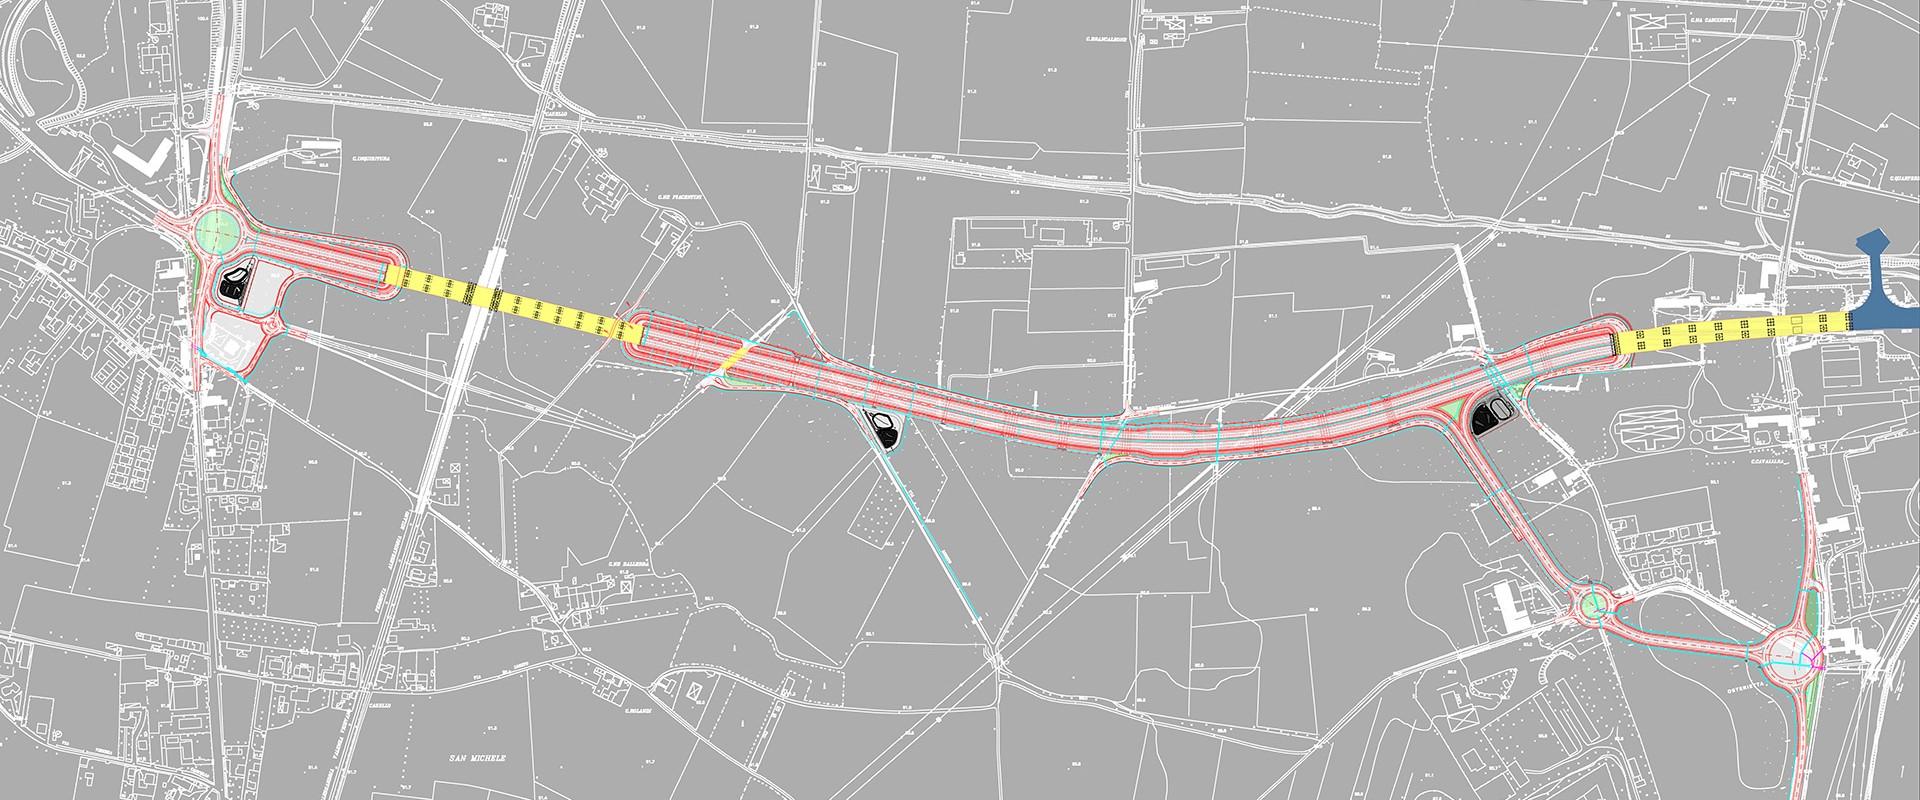 VARIANTE DI ALESSANDRIA - TRATTO OSTERIETTA: Planimetria del tracciato